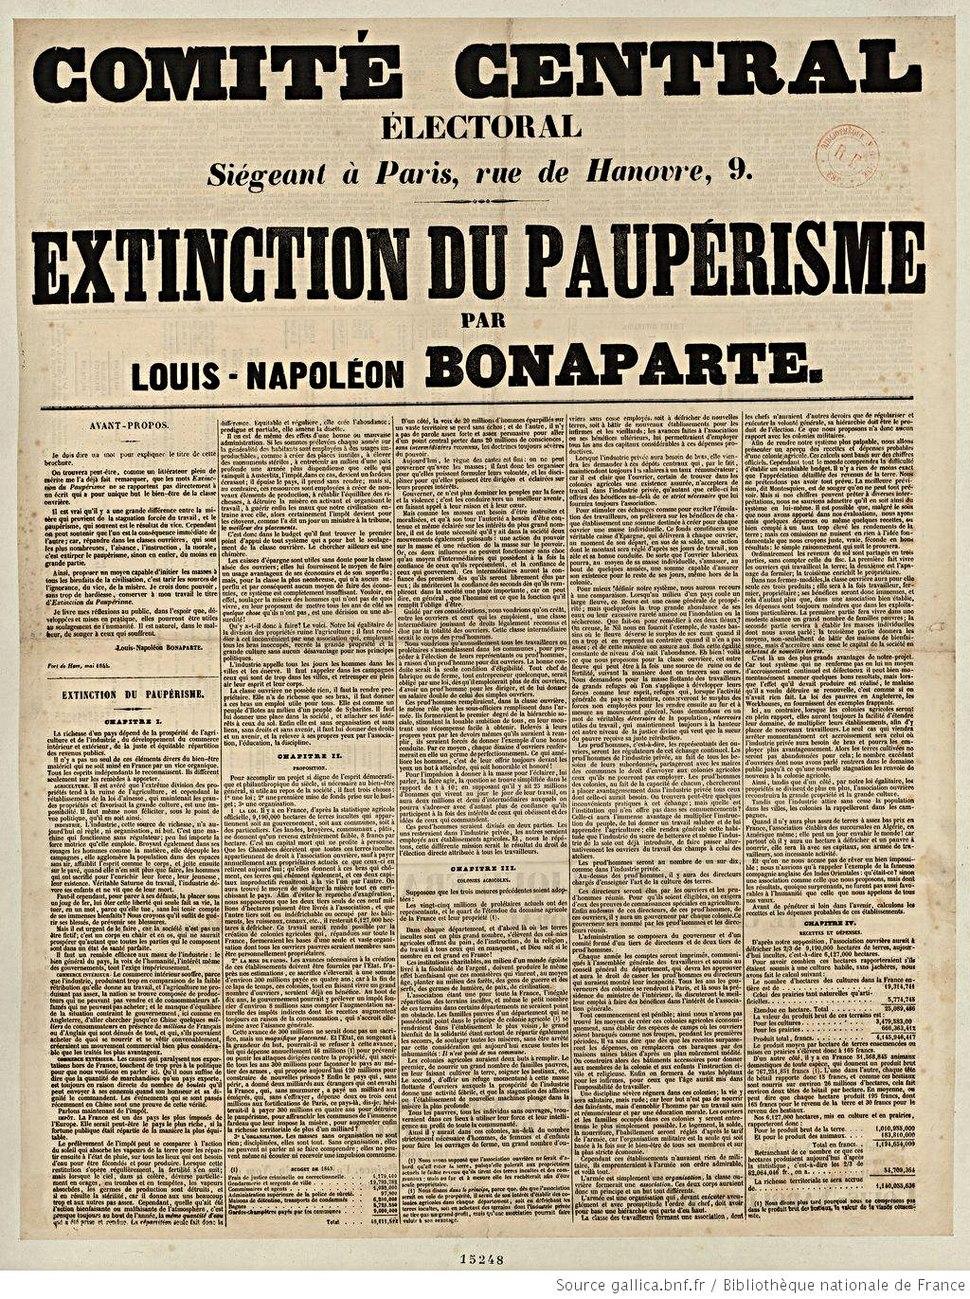 Extinction du Paupérisme par Louis-Napoléon Bonaparte 1.jpeg